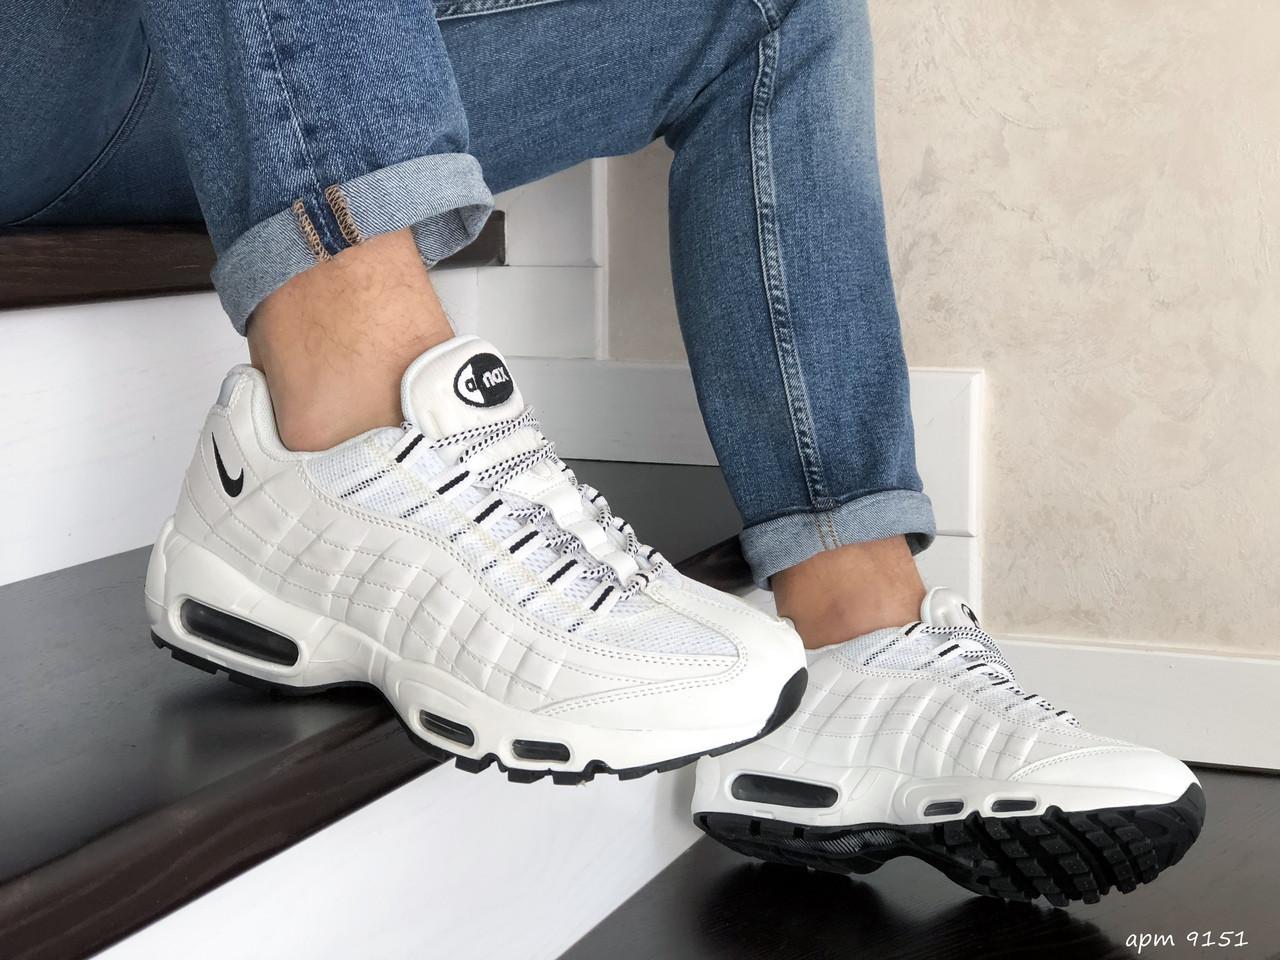 Мужские кроссовки Nike 95 (белые) 9151